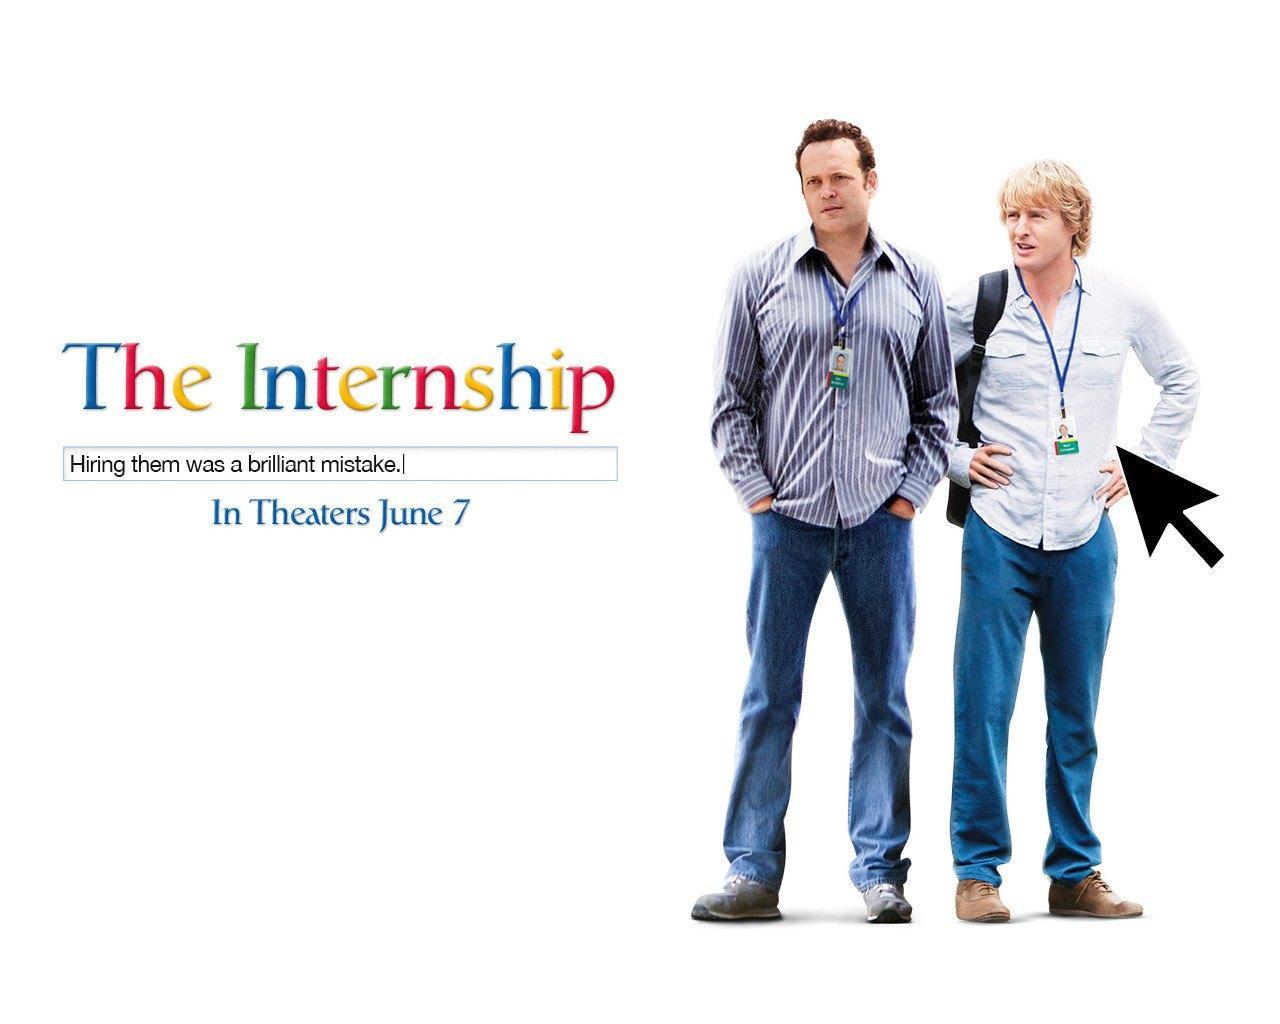 The-Internship-Wallpaper-0111.jpg